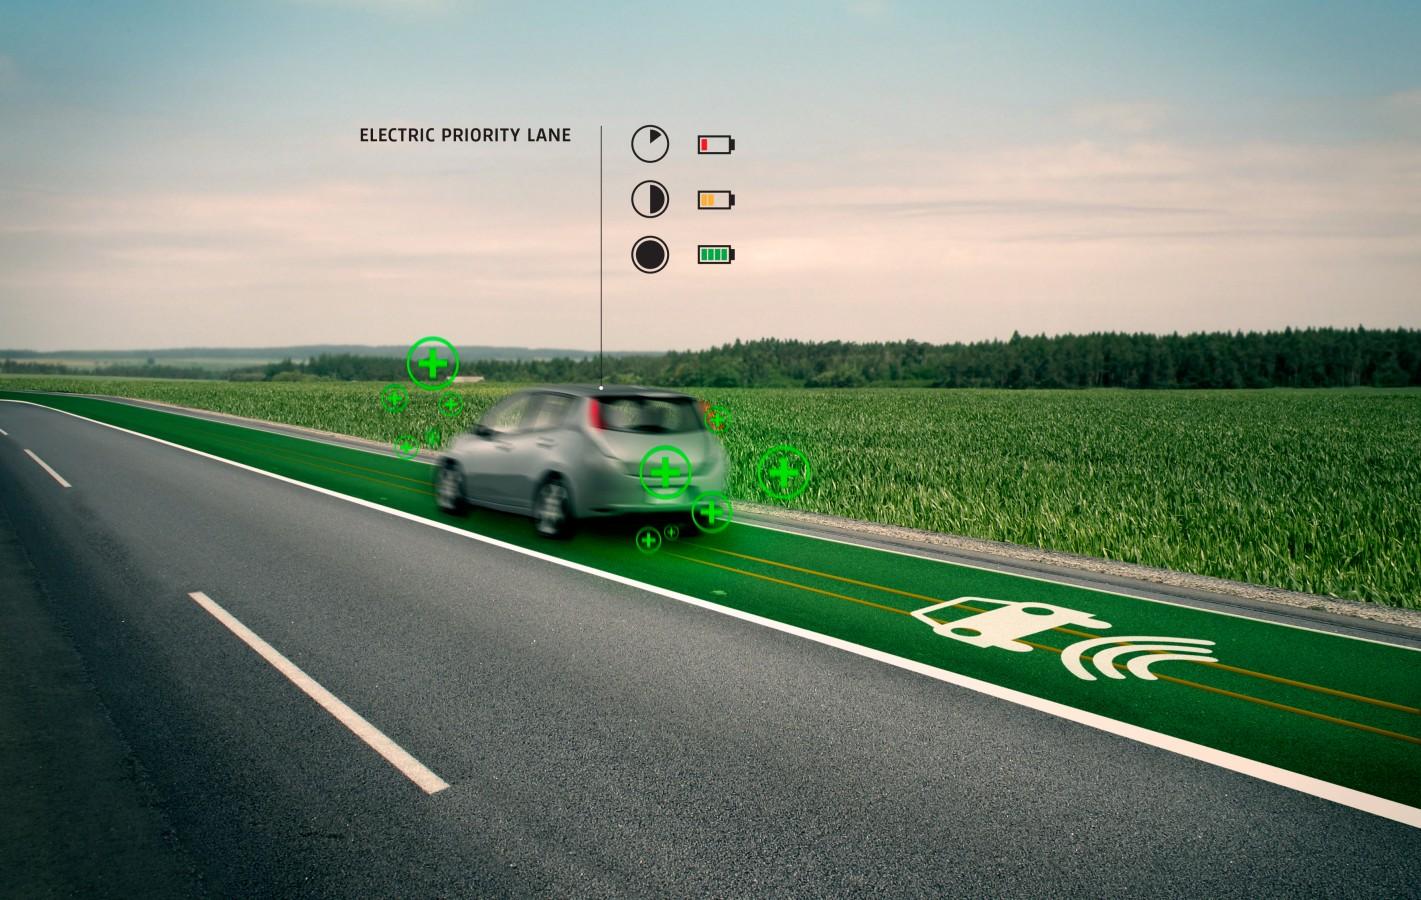 La prima autostrada eco-sostenibile - smart highway